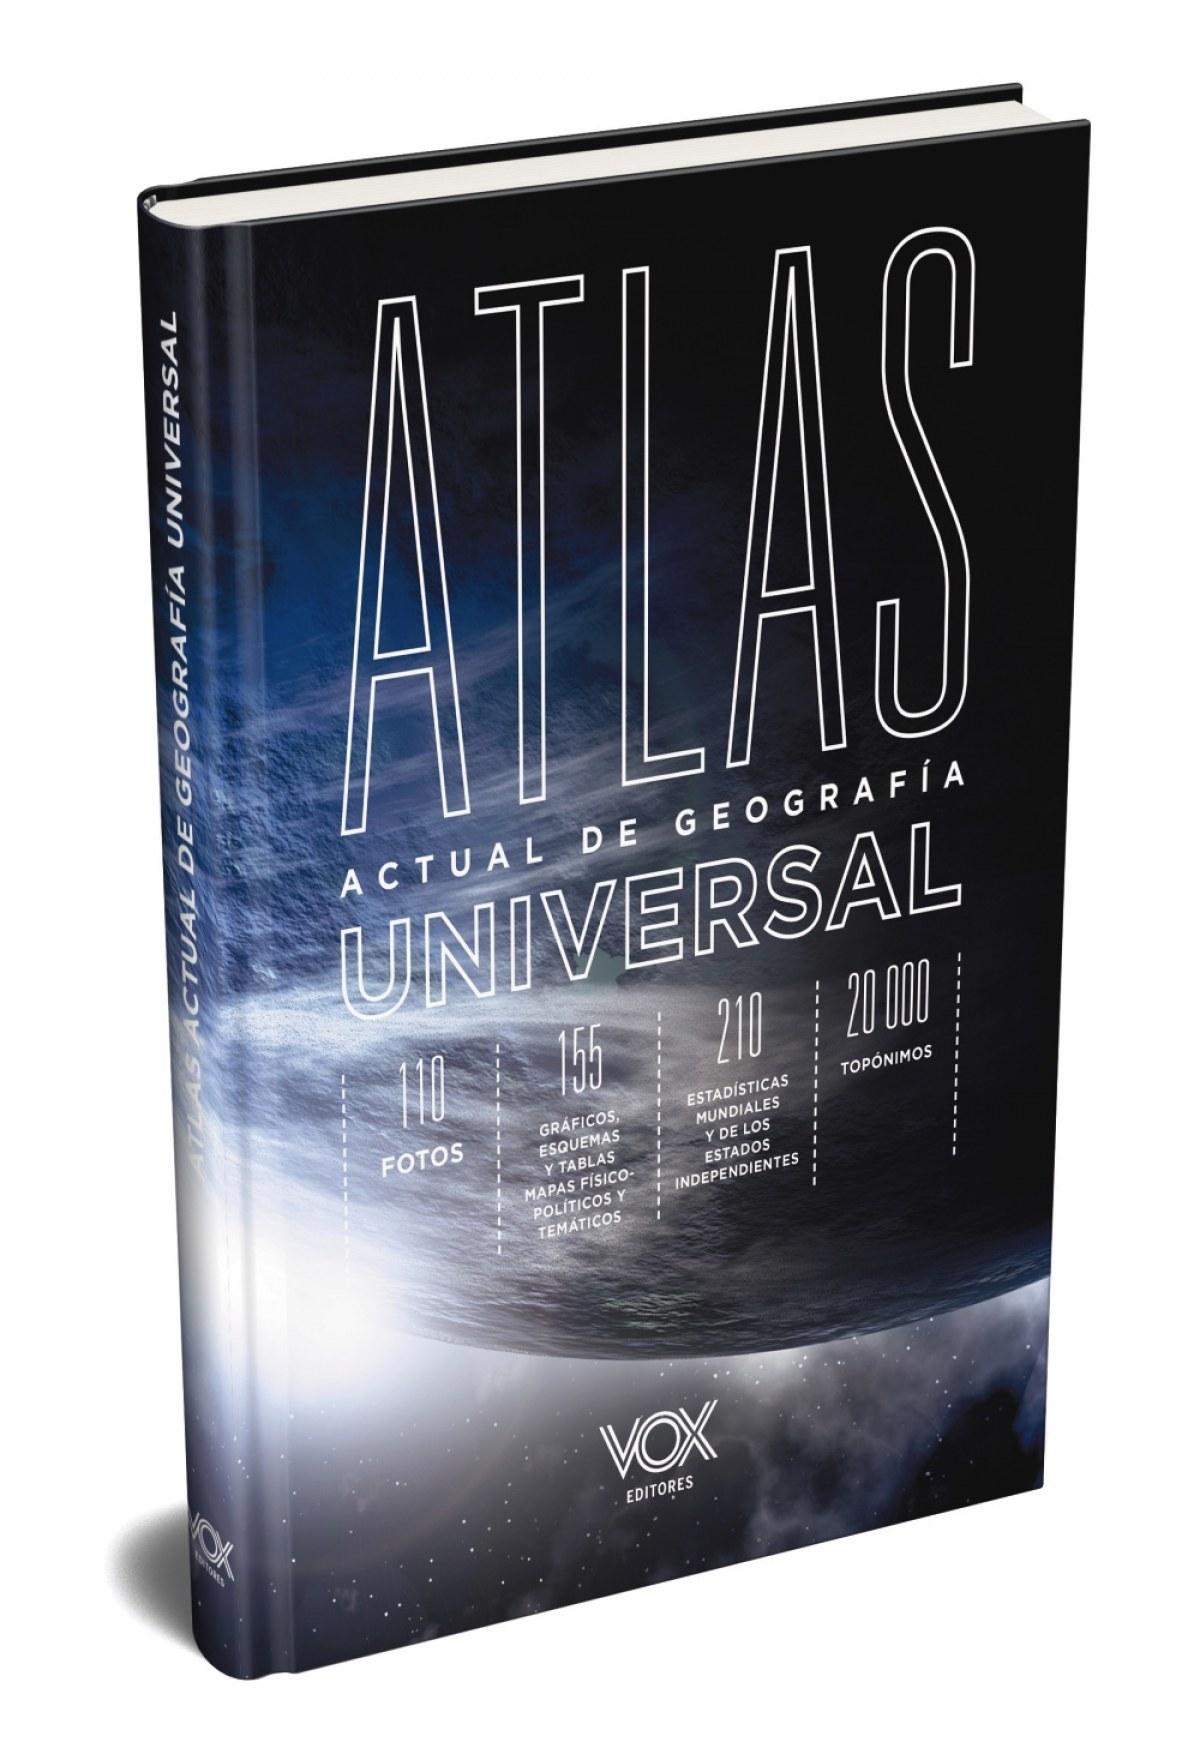 ATLAS ACTUAL DE GEOGRAFÍA UNIVERSAL VOX 9788499743233